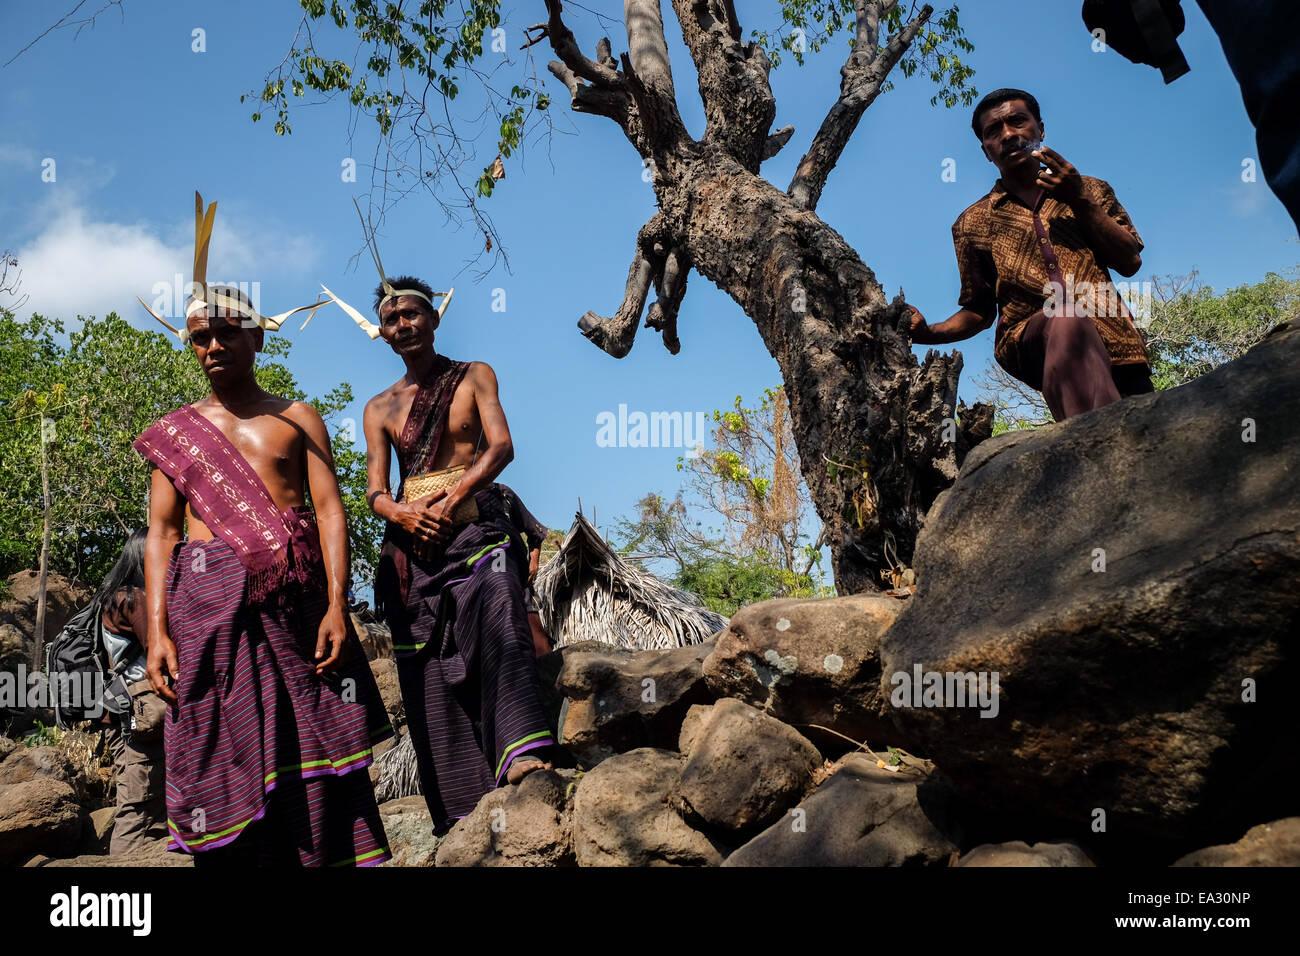 La popolazione locale in costumi tradizionali a Lamagute village, Lembata Isola, Indonesia. Immagini Stock